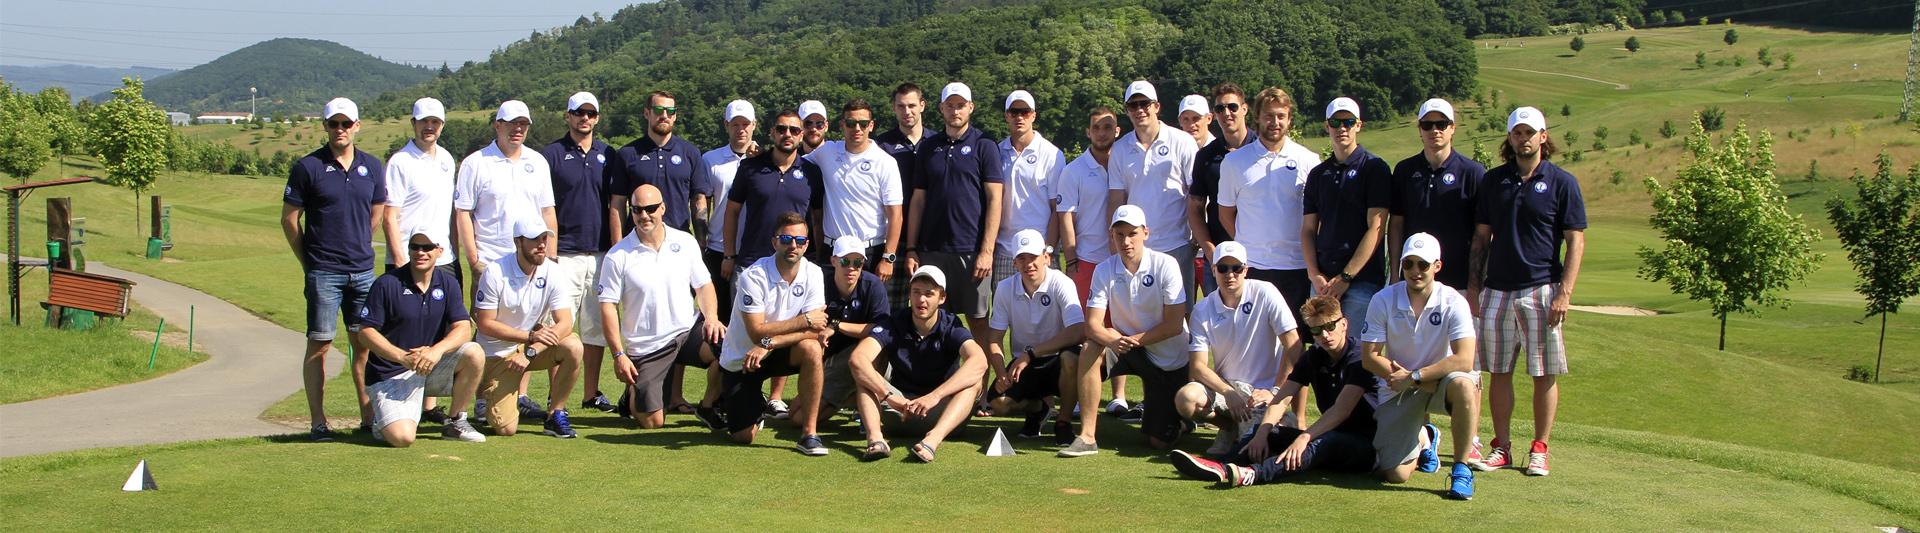 Kometa golf challenge 2015